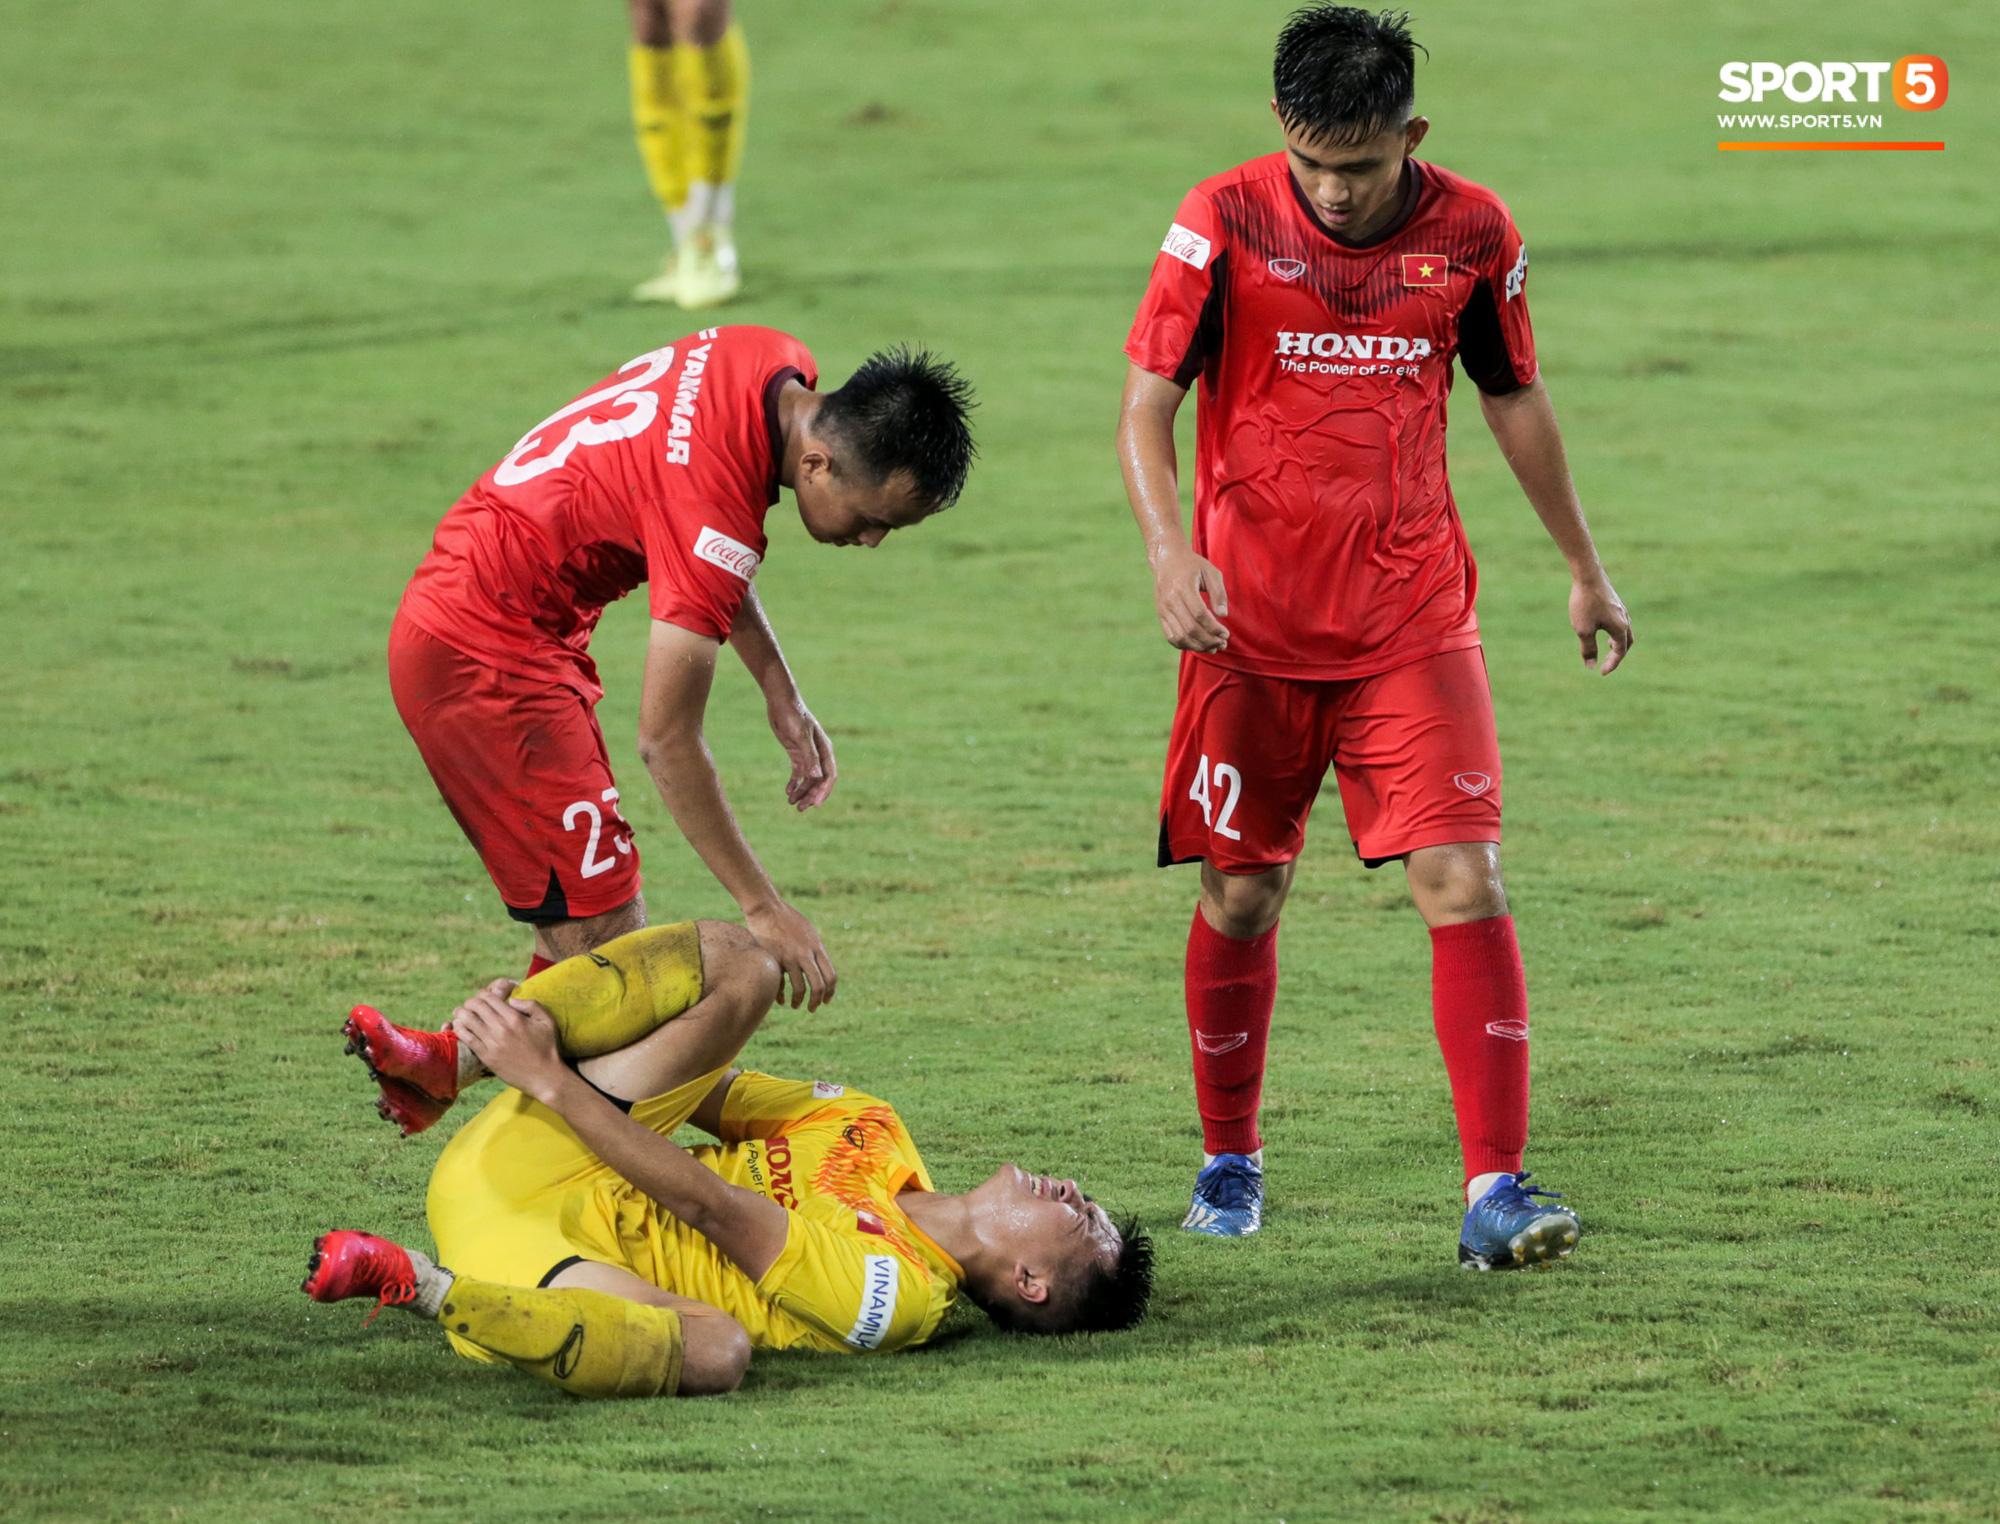 HLV Park Hang-seo không cản nổi học trò đá quyết liệt dù đã cấm xoạc bóng sau sự cố chấn thương - Ảnh 4.